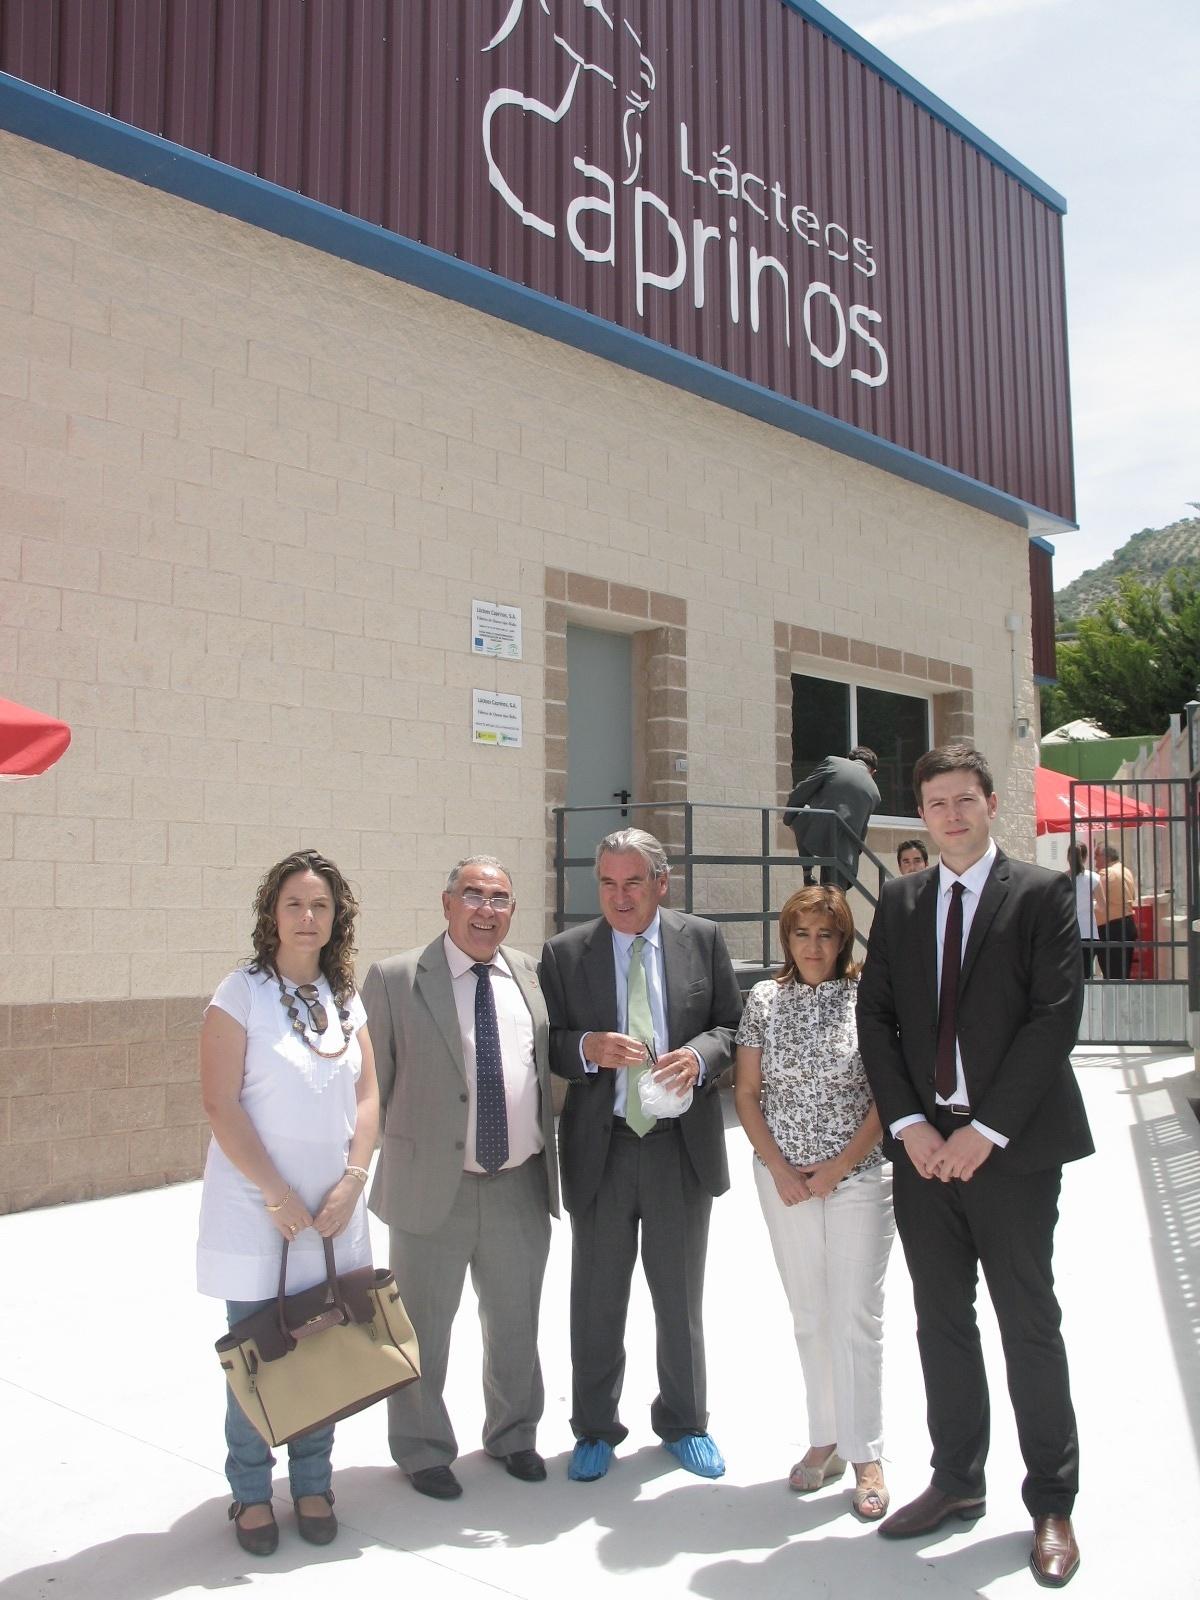 Inaugurada la fábrica quesos Lácteos Caprinos en Campillo de Arenas, donde se ha invertido casi dos millones